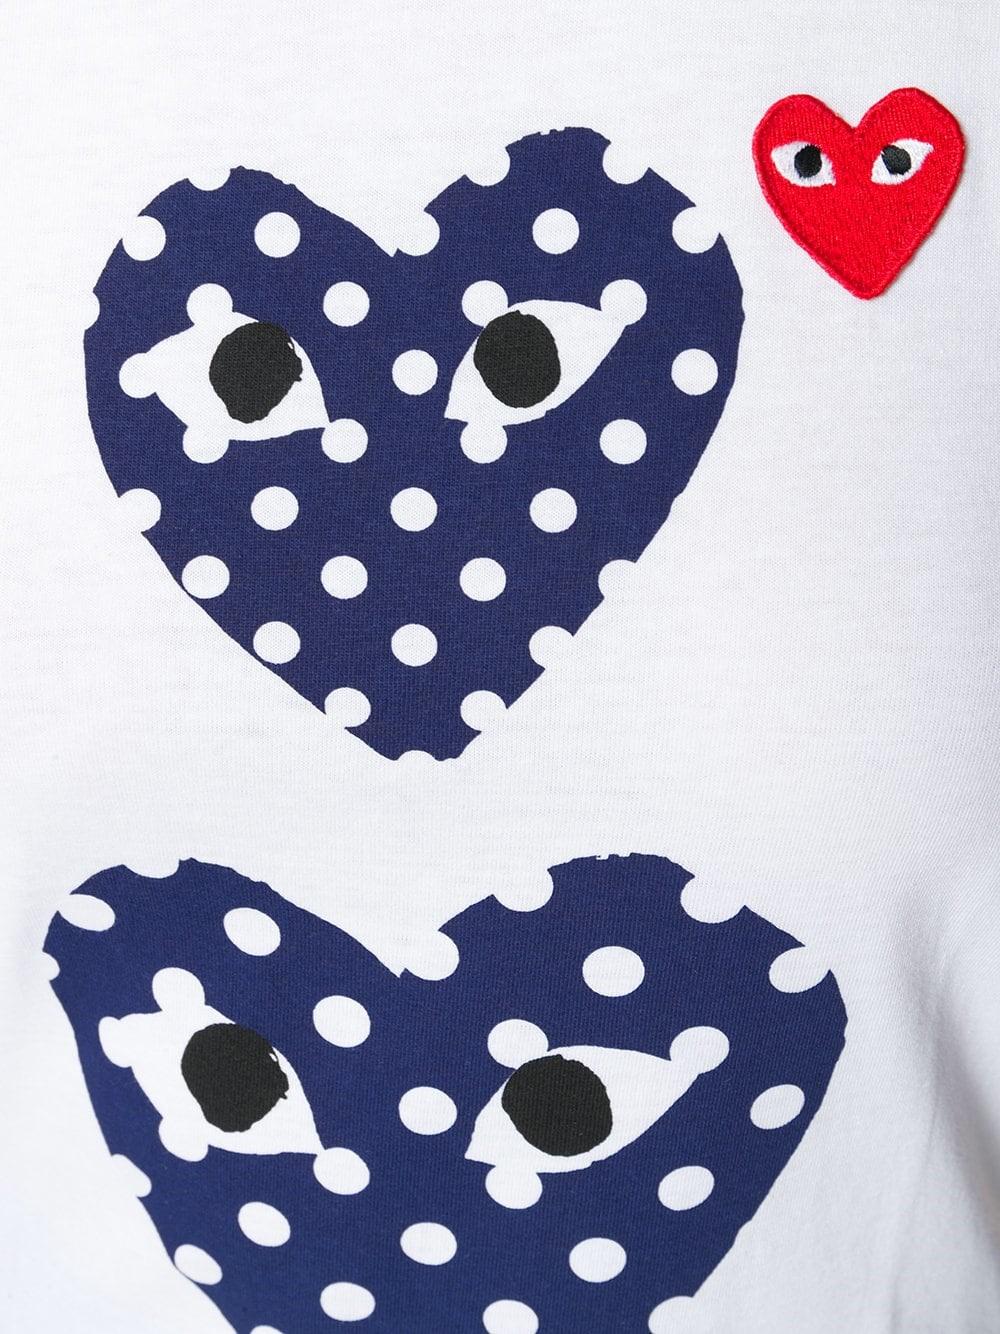 dd6052e0e65149 comme des garçons HEART LOGO T-SHIRT available on montiboutique.com ...